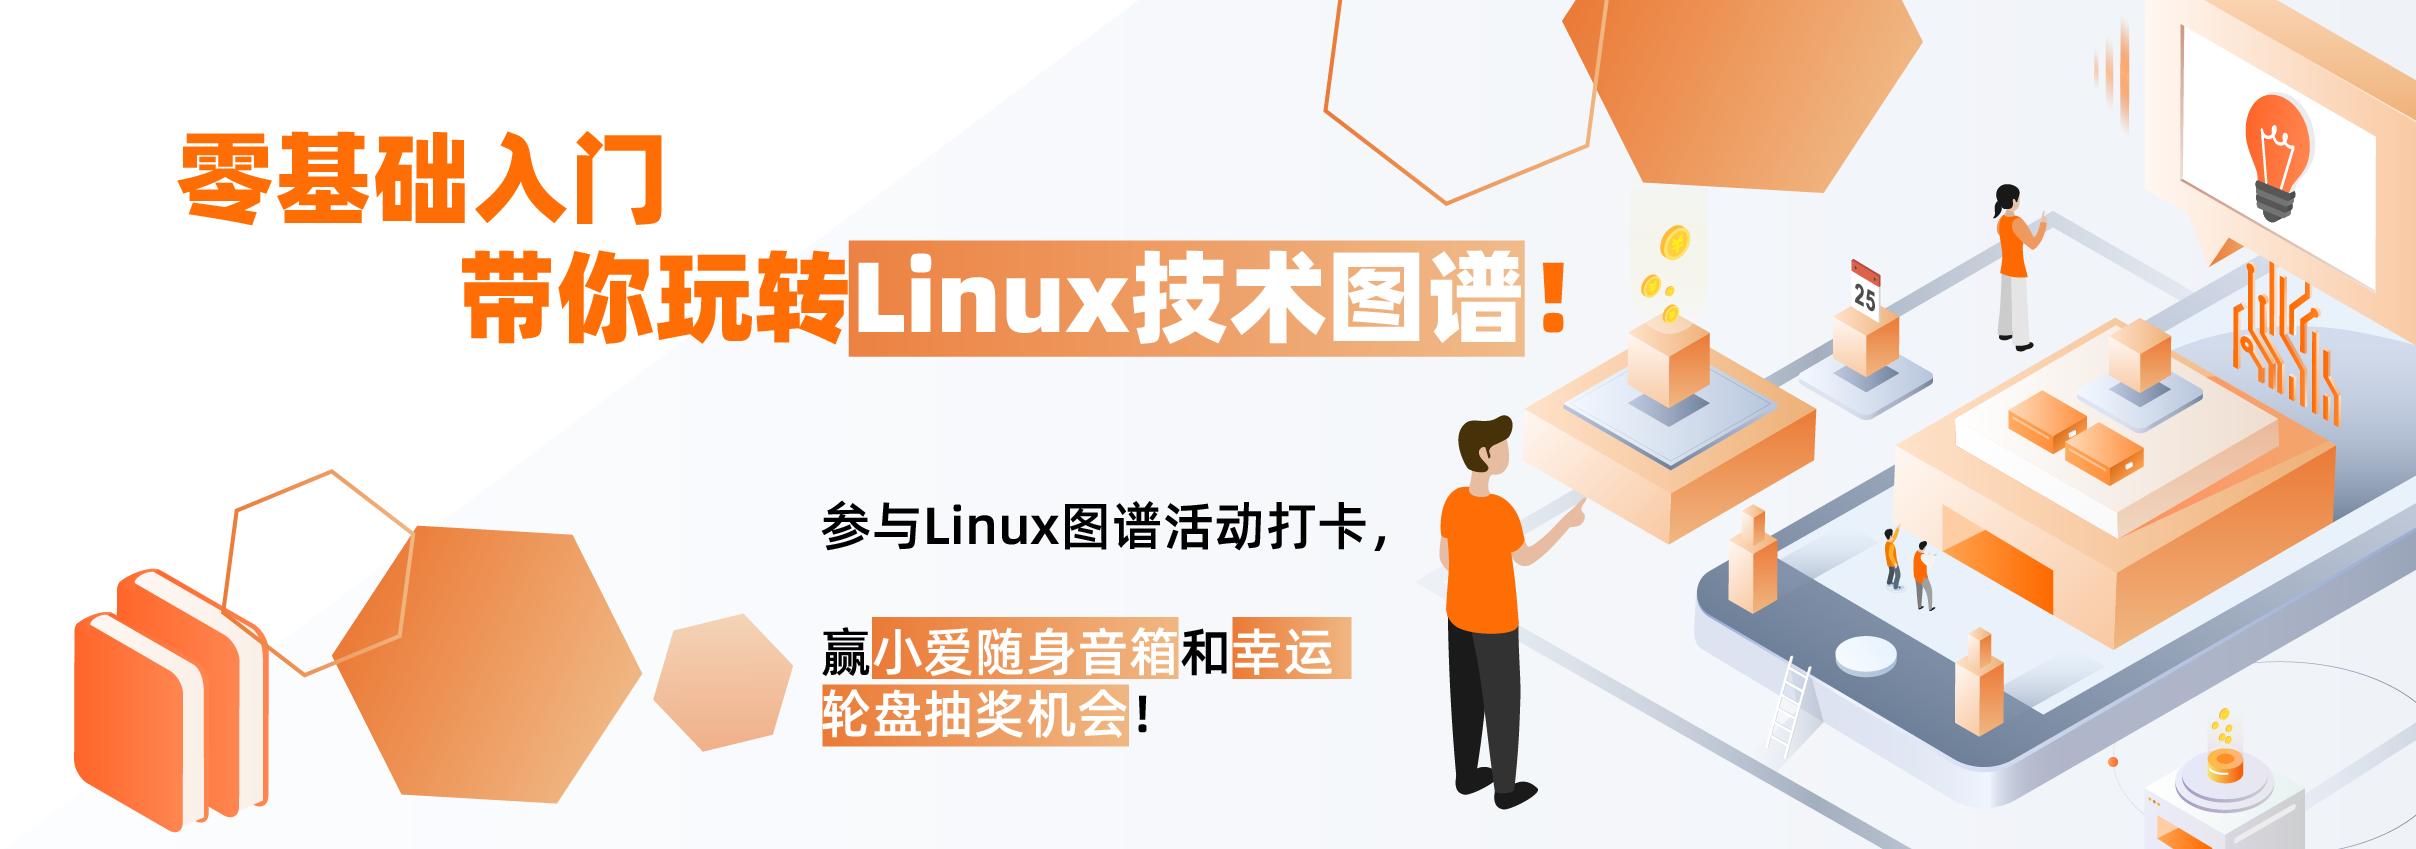 和我一起学最新版Linux技术图谱吧,参与活动打卡加送好礼!